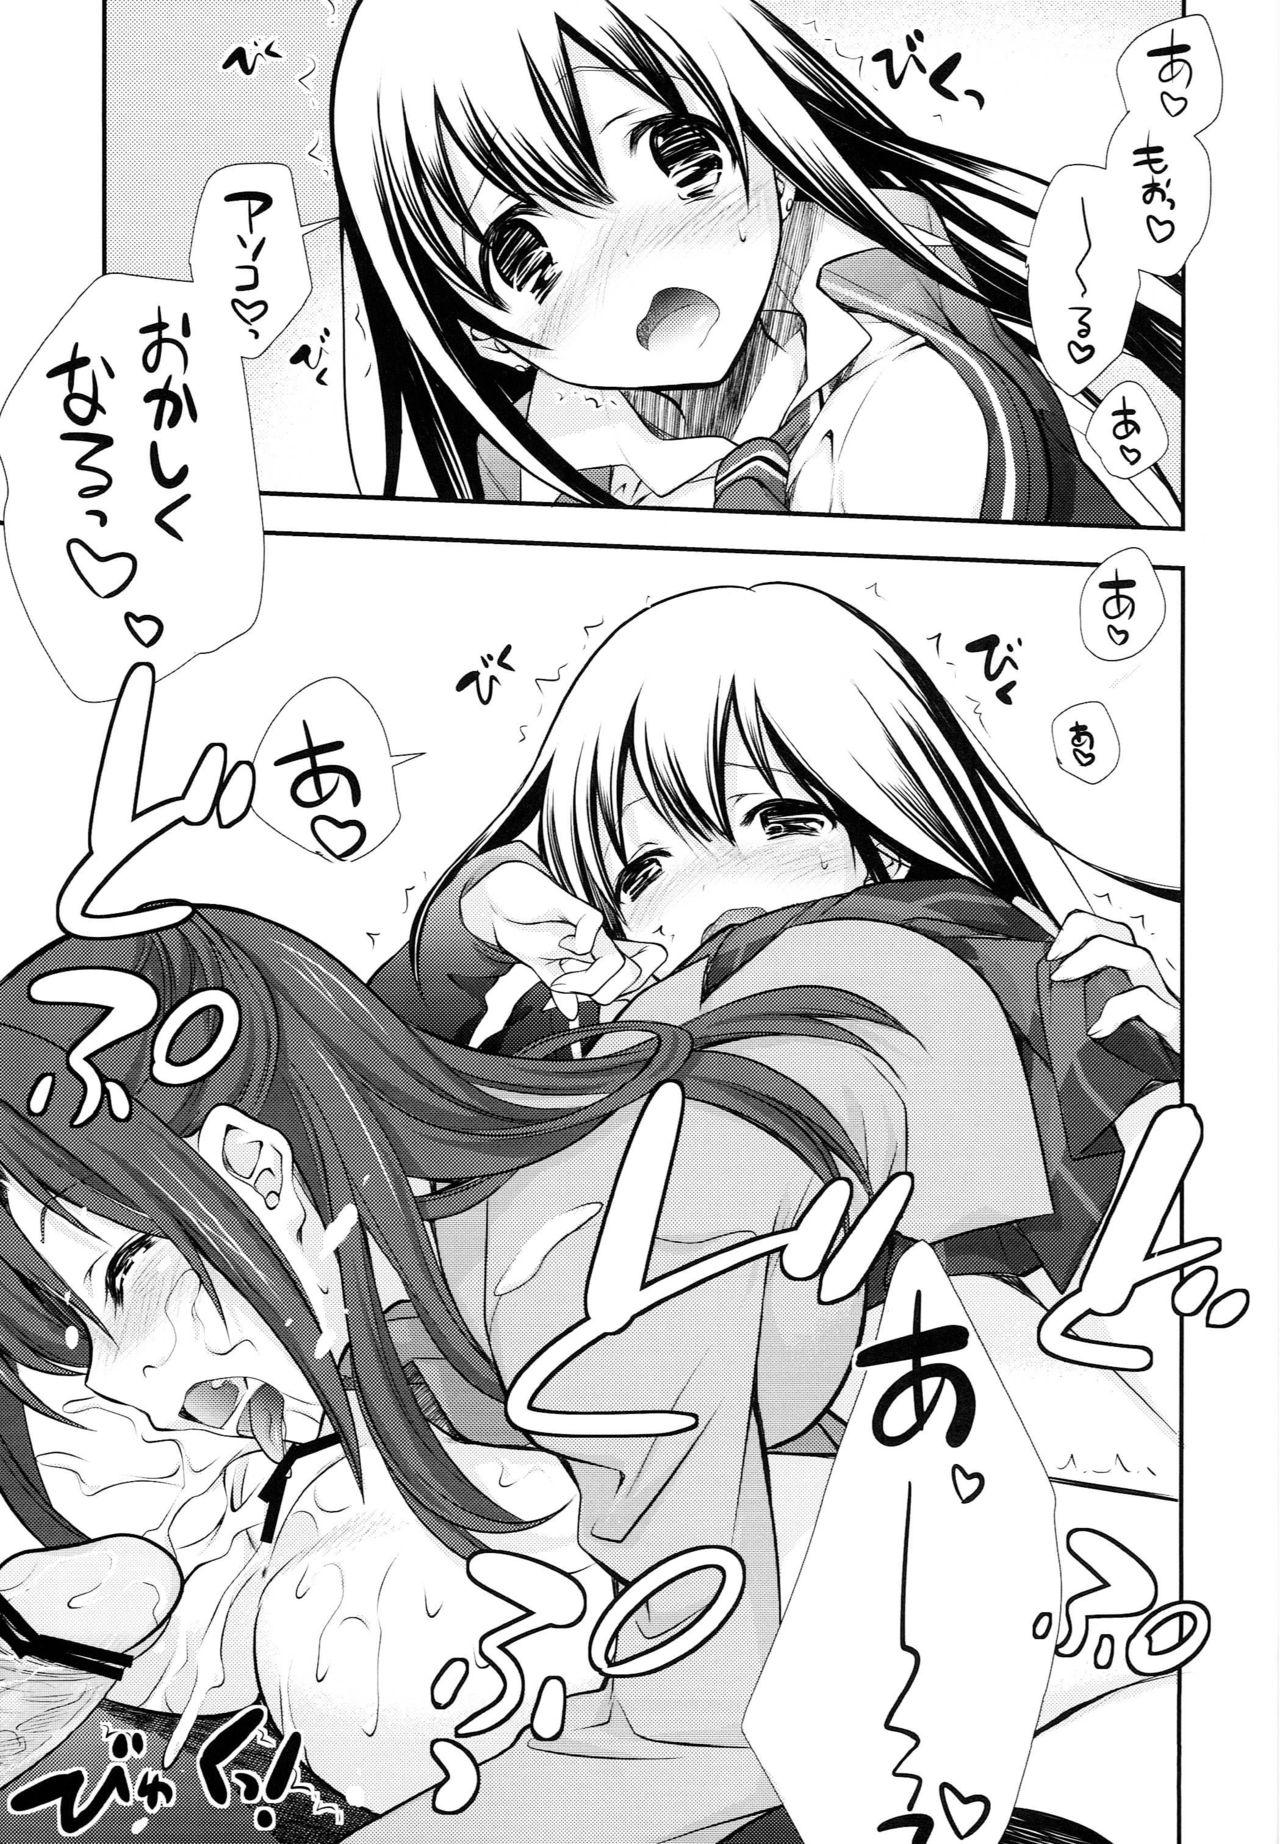 P ni 14-nin no Cinderella ga Makura o Kyouyou Suru Usui Hon 17